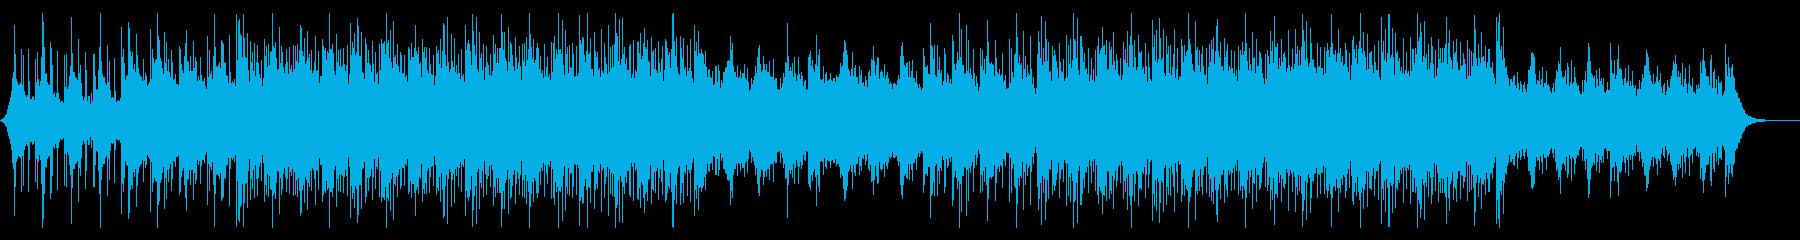 ウェディング3 Bシンプル、キラキラの再生済みの波形